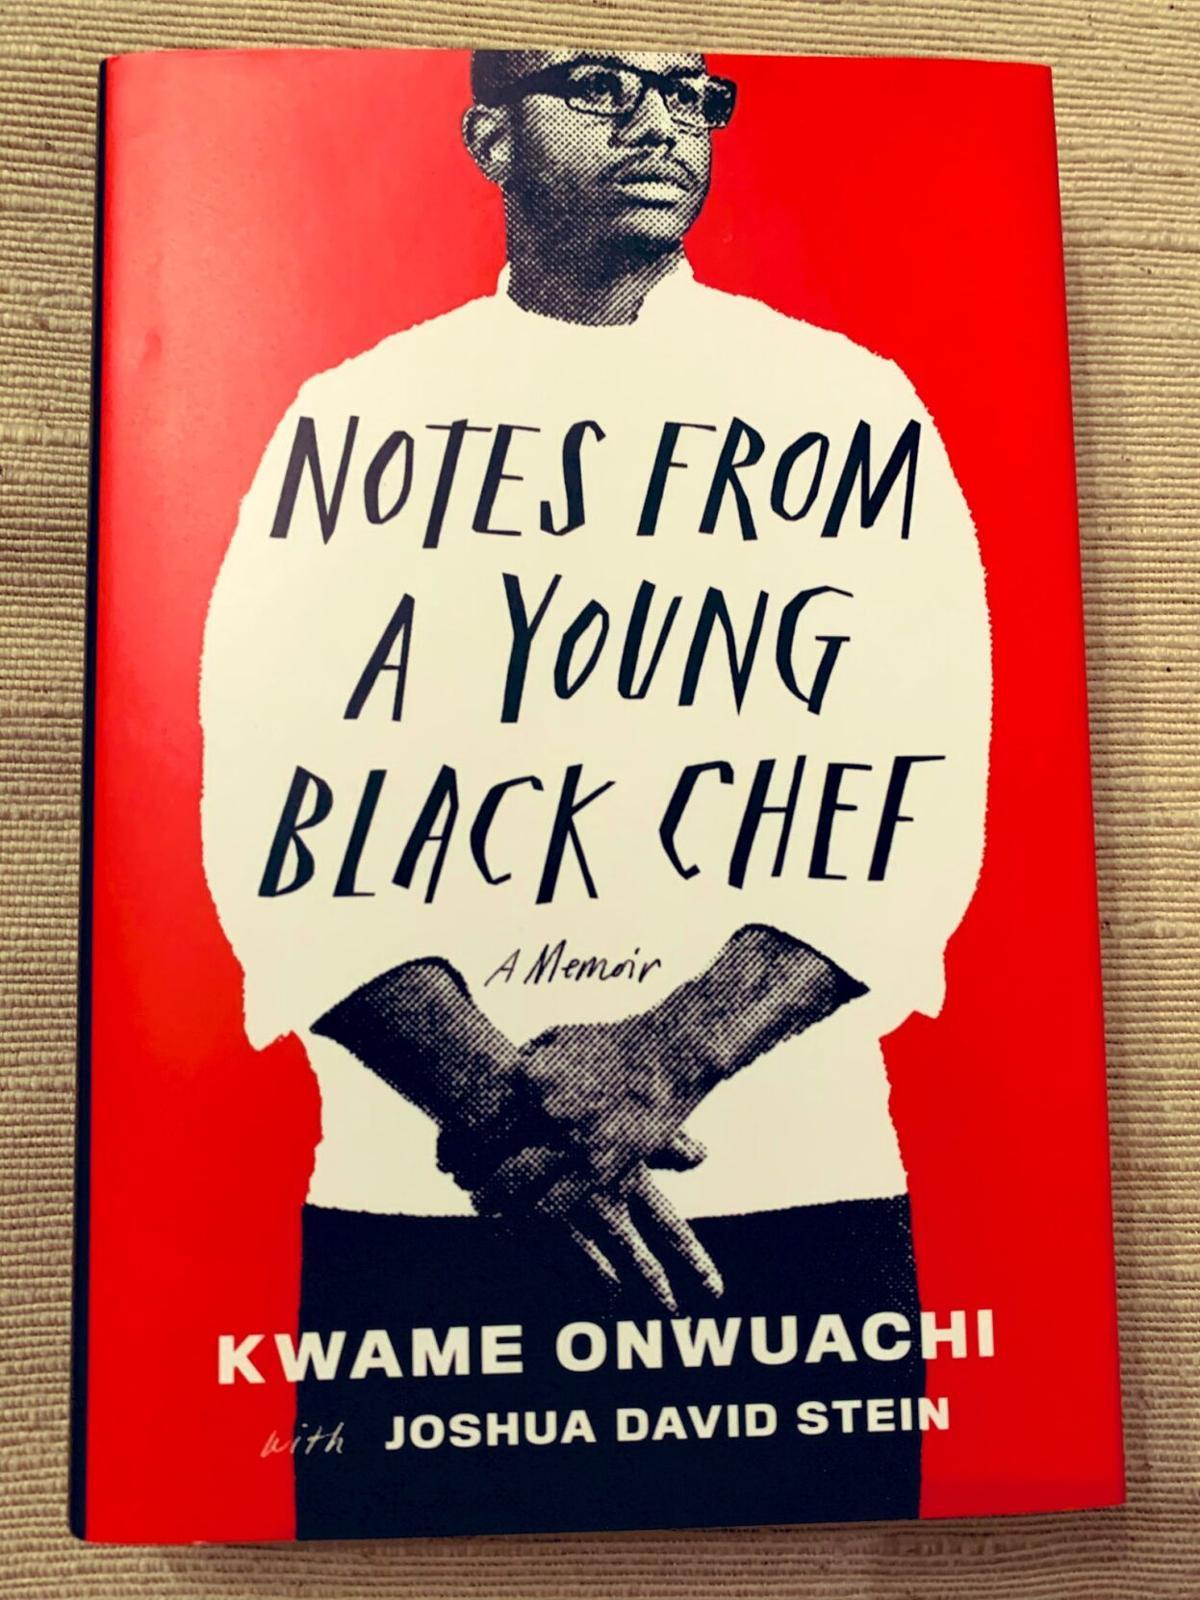 Chef Kwame Onwuachi